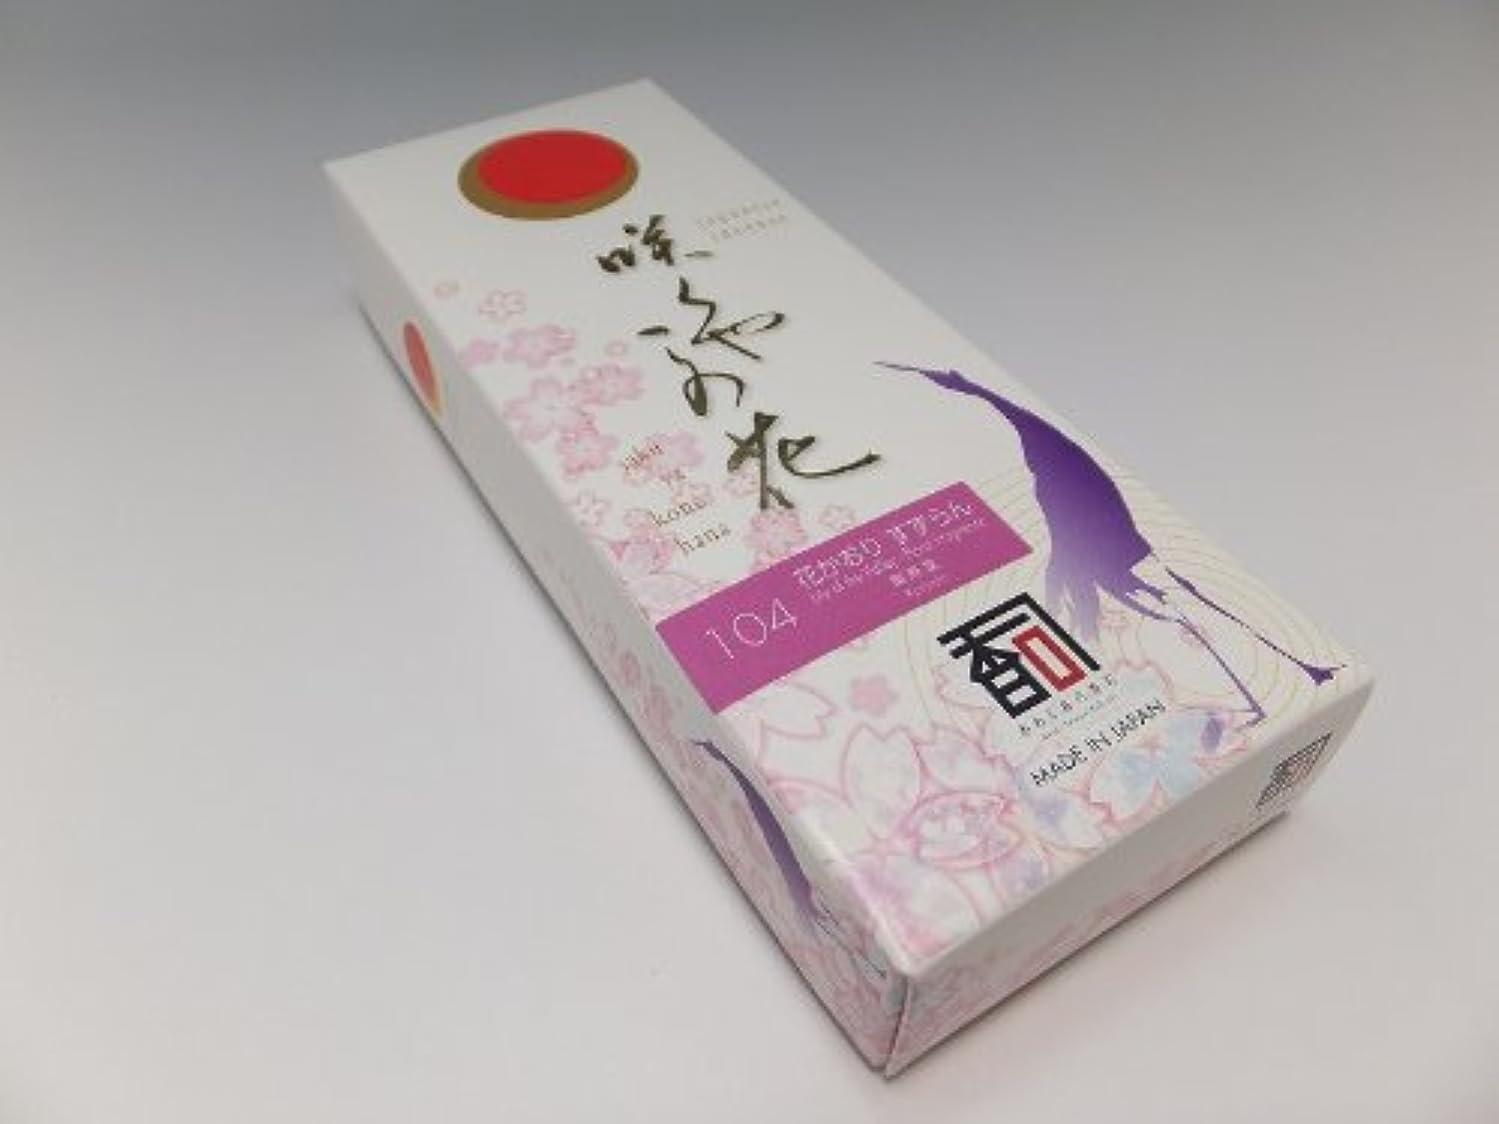 枢機卿ボア声を出して「あわじ島の香司」 日本の香りシリーズ  [咲くや この花] 【104】 花かおり すずらん (煙少)